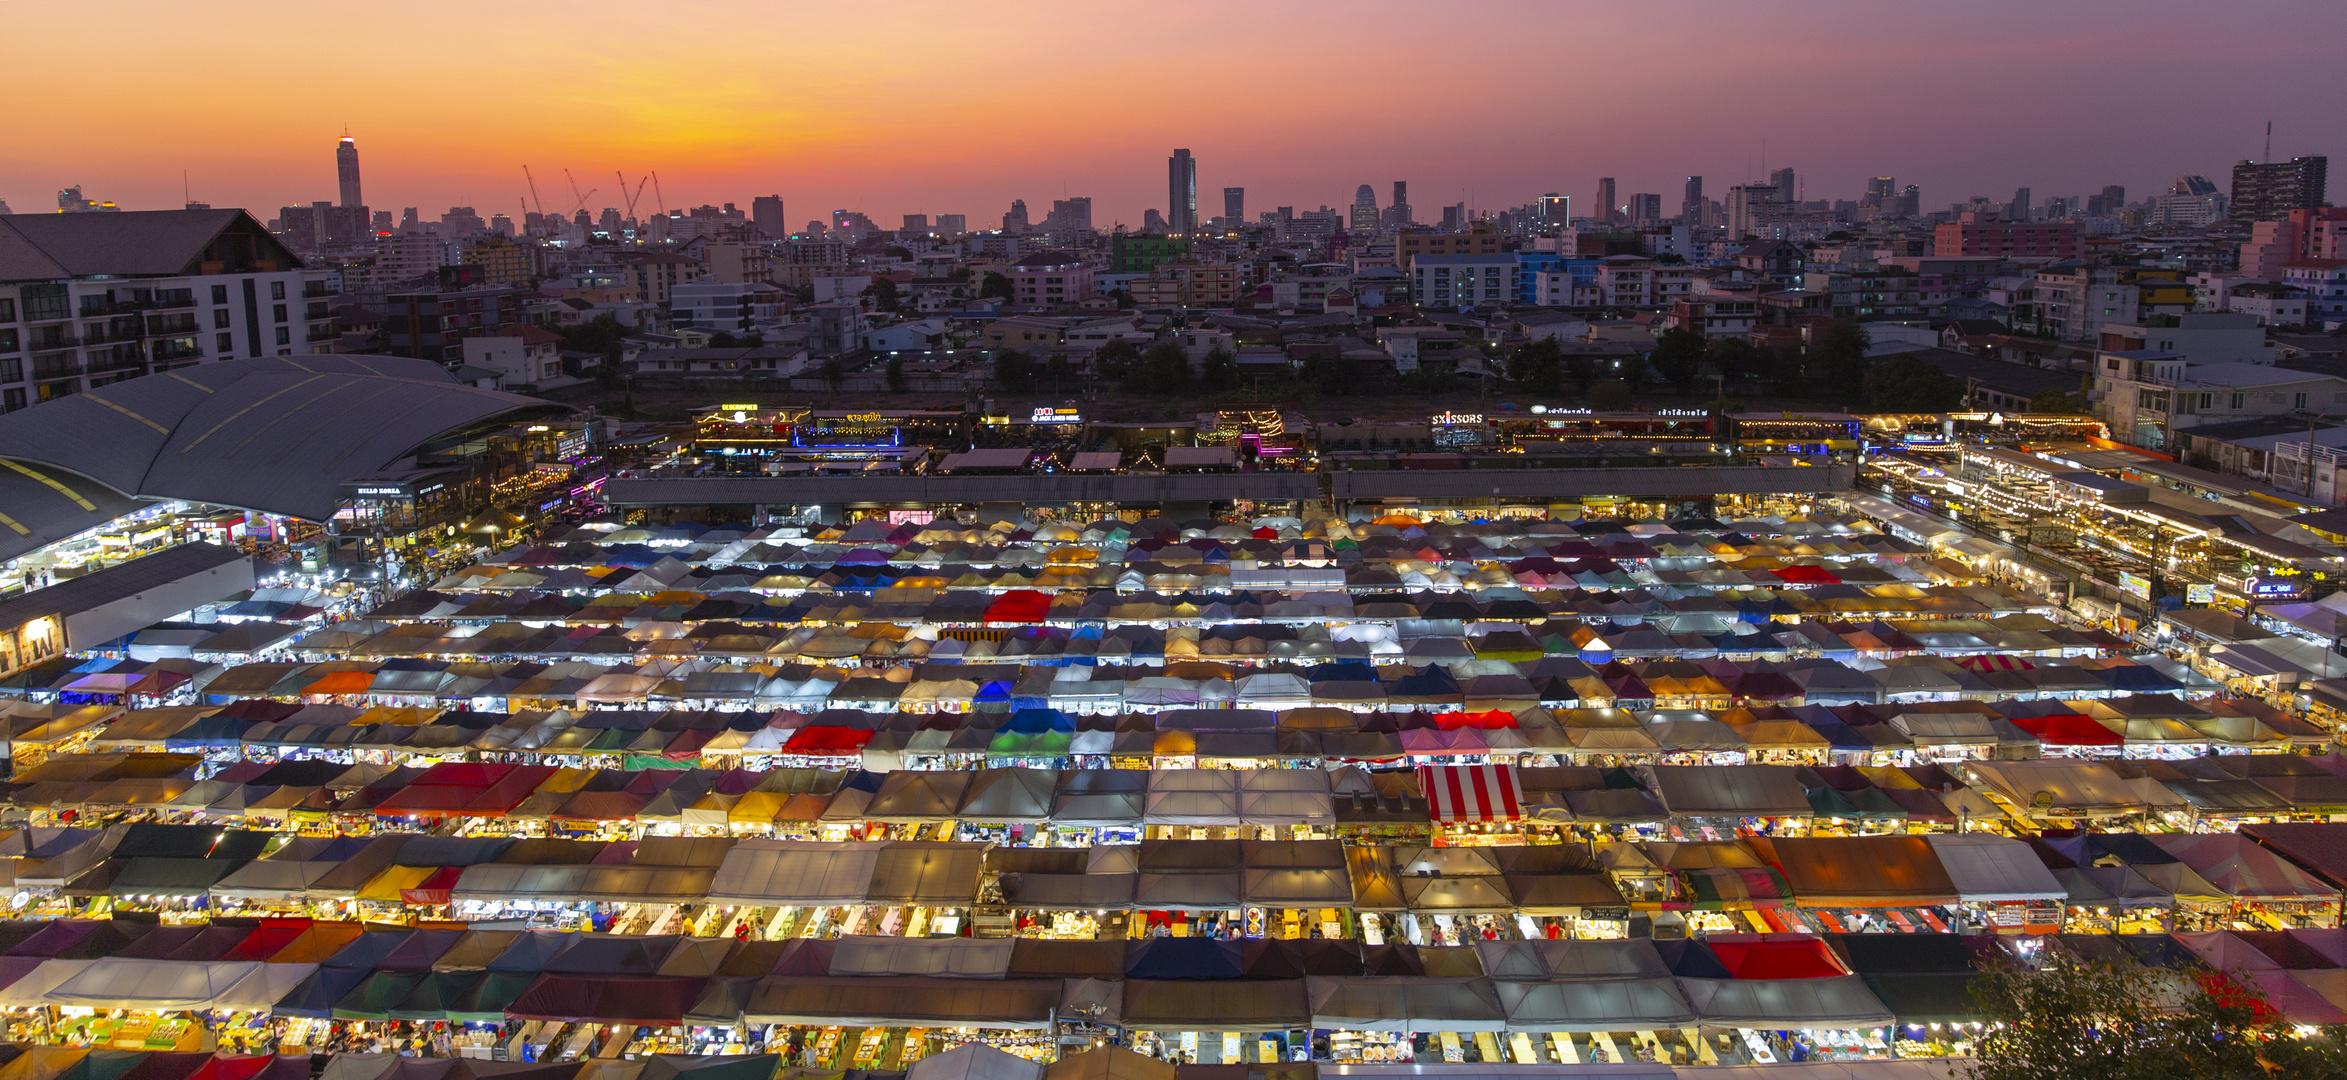 Night Market in Bangkok